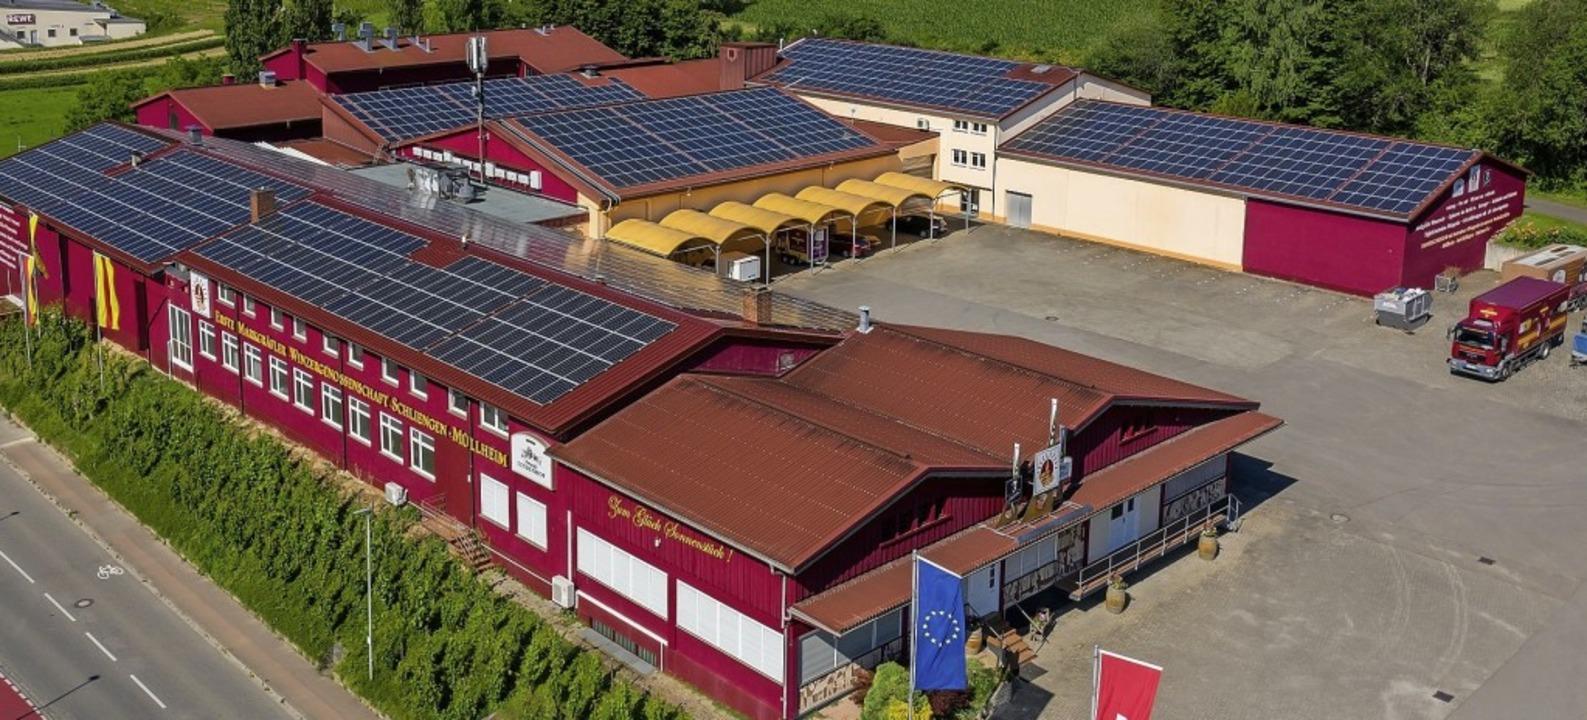 Auf dem Dach der Winzergenossenschaft wurden 1903 Photovoltaik-Module montiert.  | Foto: Erste Markgräfler Winzergenossenschaft Schliengen-Müllheim eG